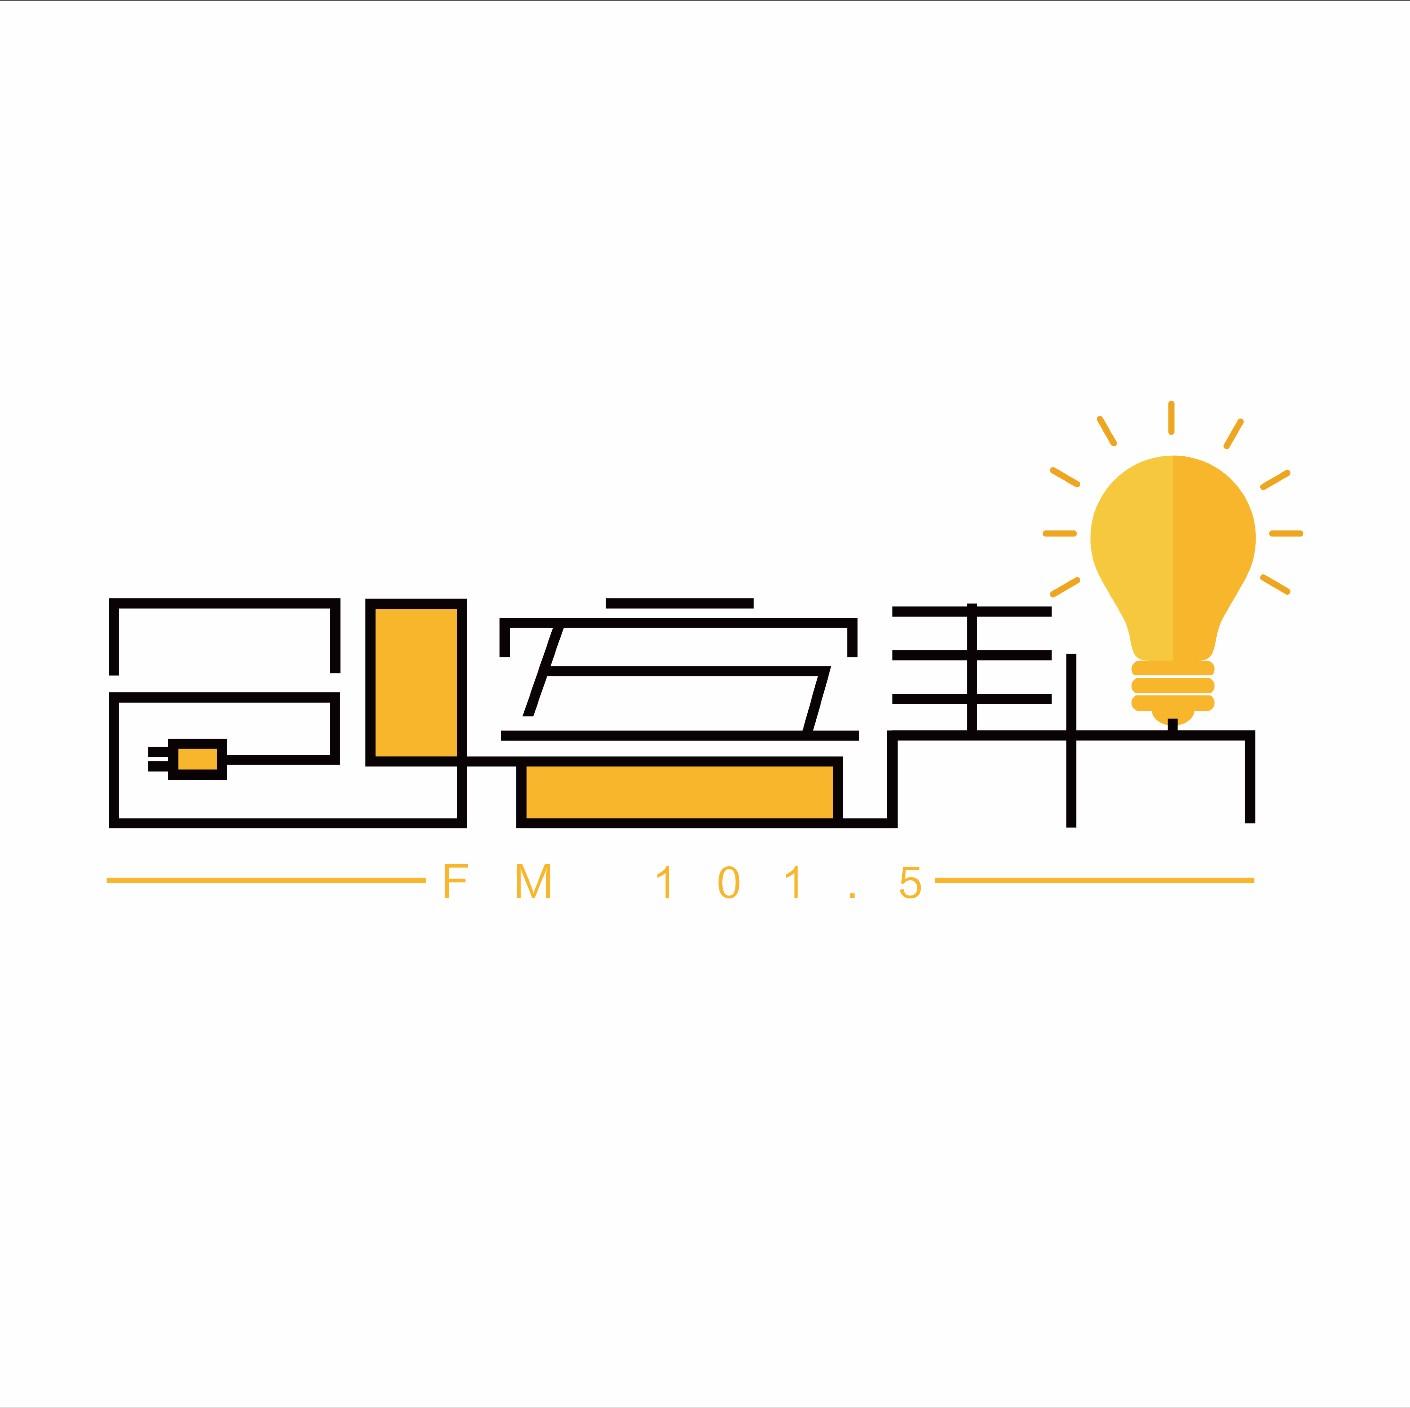 创客e工坊呼吸灯电路图